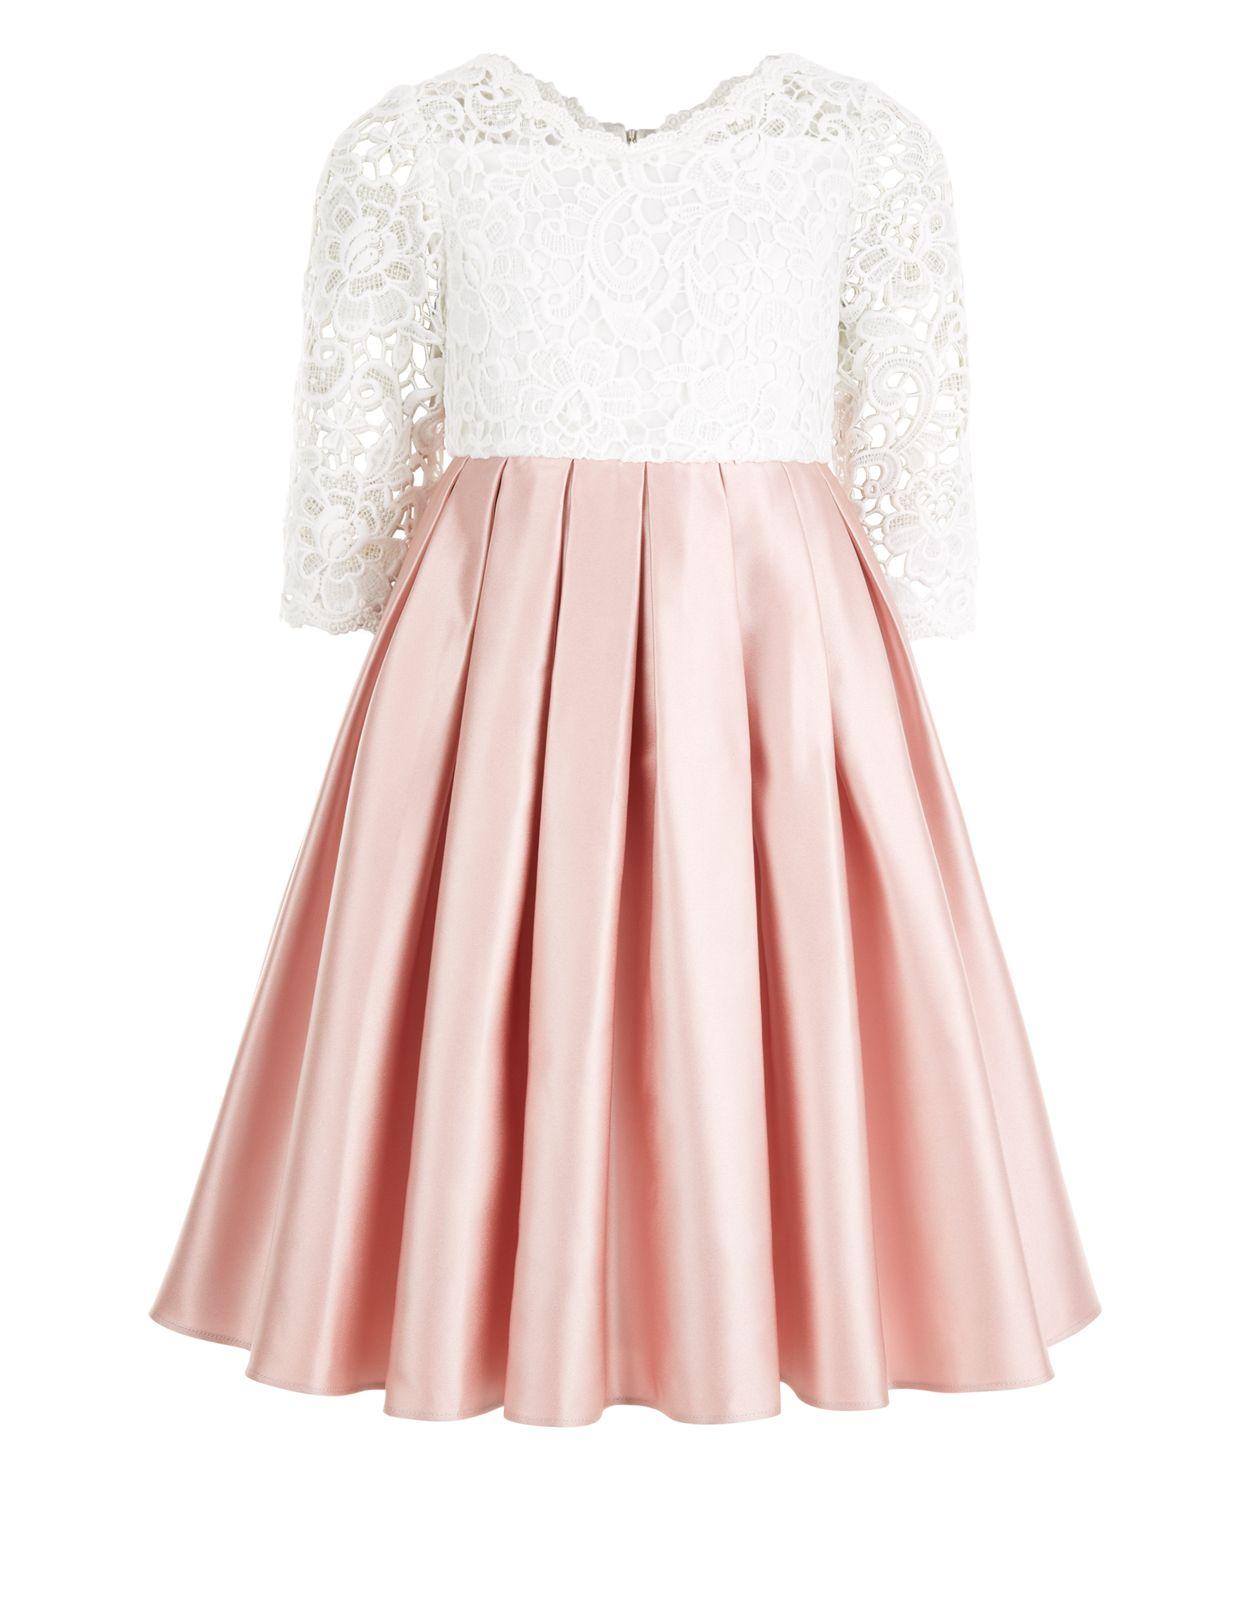 Audrey Dress | Pink | Monsoon/Flower Girl Dress